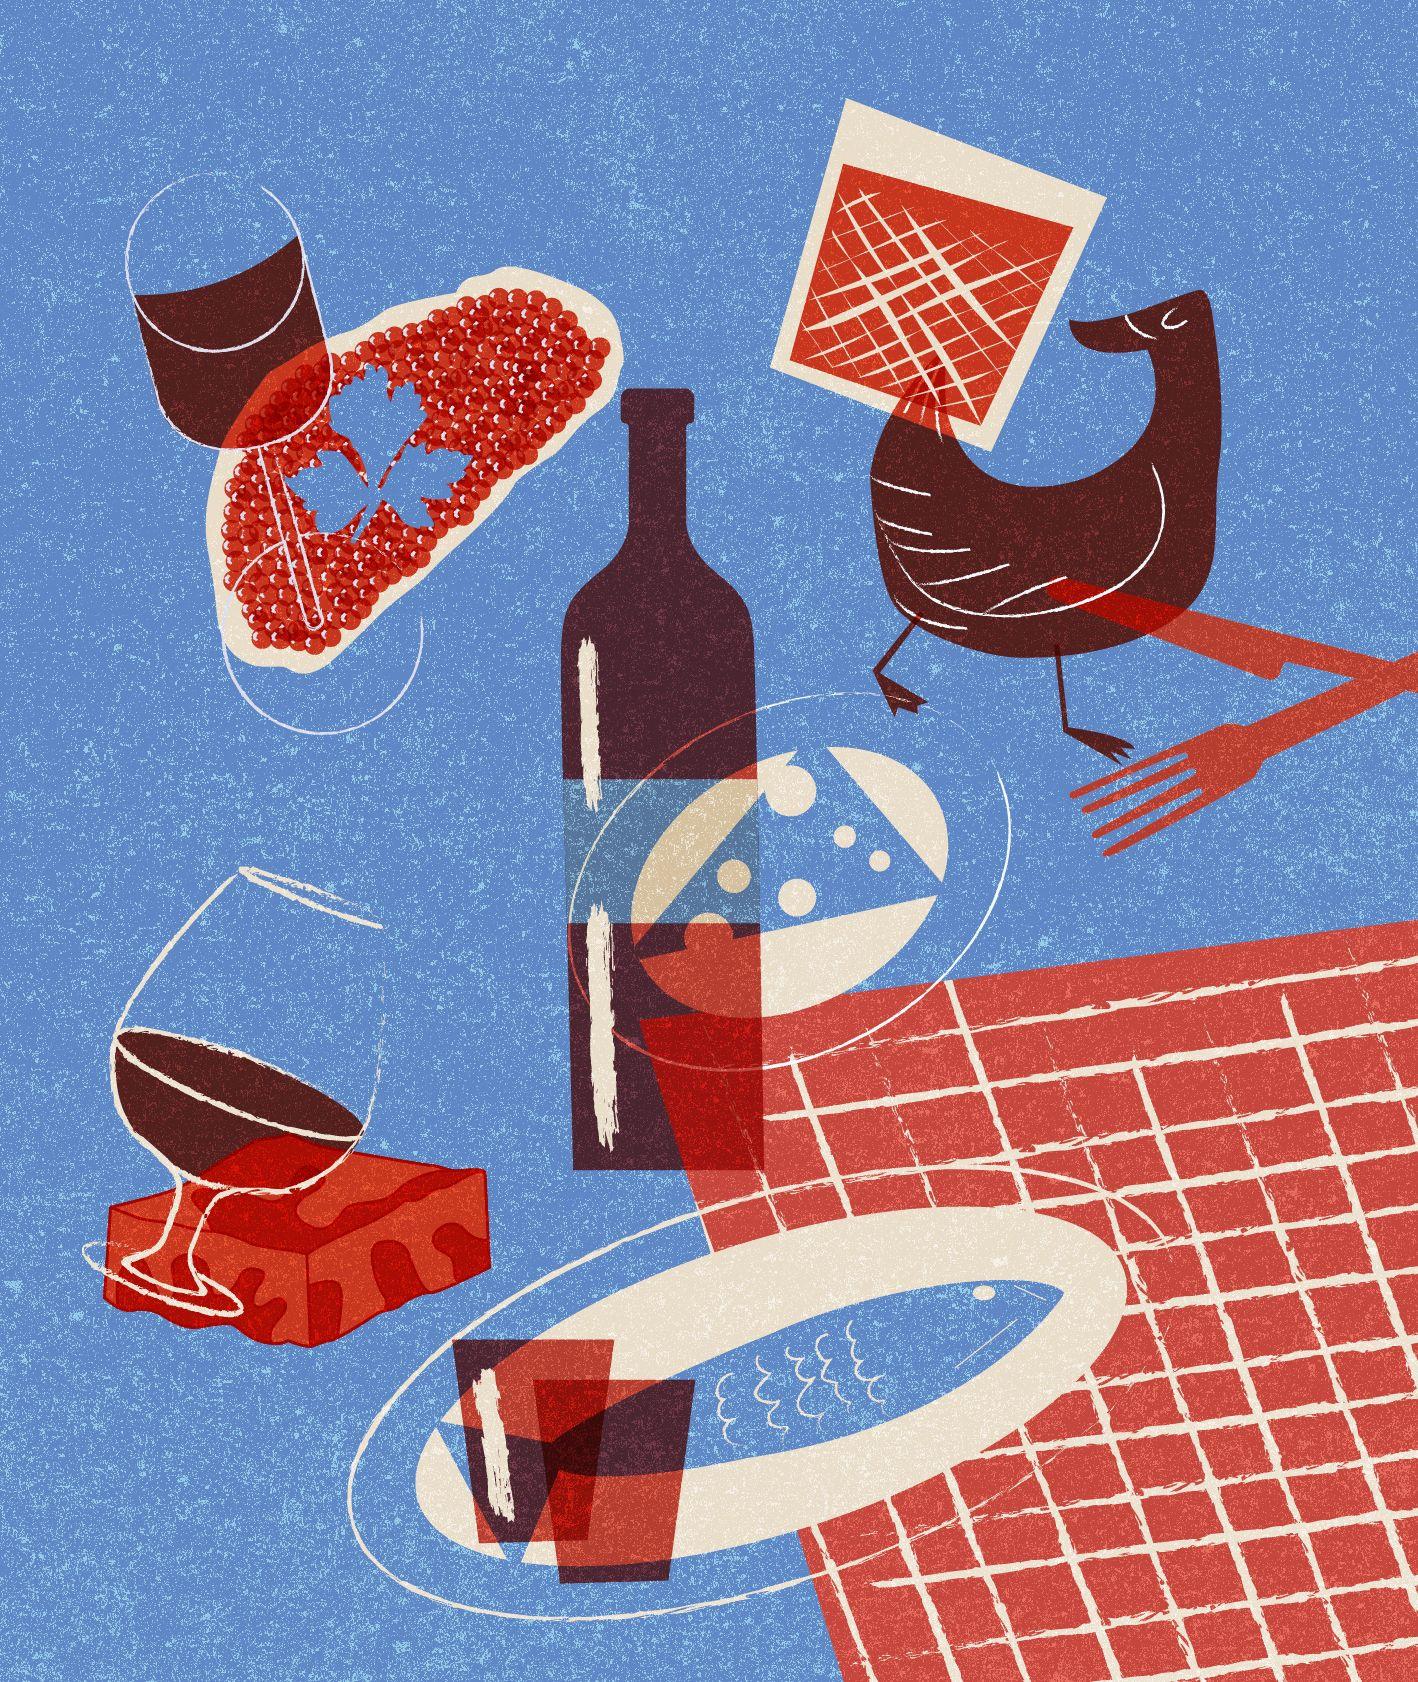 Ilustracja w niebiesko czerwonych kolorach, przedstawiająca tradycyjne połączenie alkoholu i jedzenia w różnych krajach – kaczka i whisky, wino i ser, brandy i brownie, śledź i wódka, szampan i kawior (il. Marcin Lewandowski)